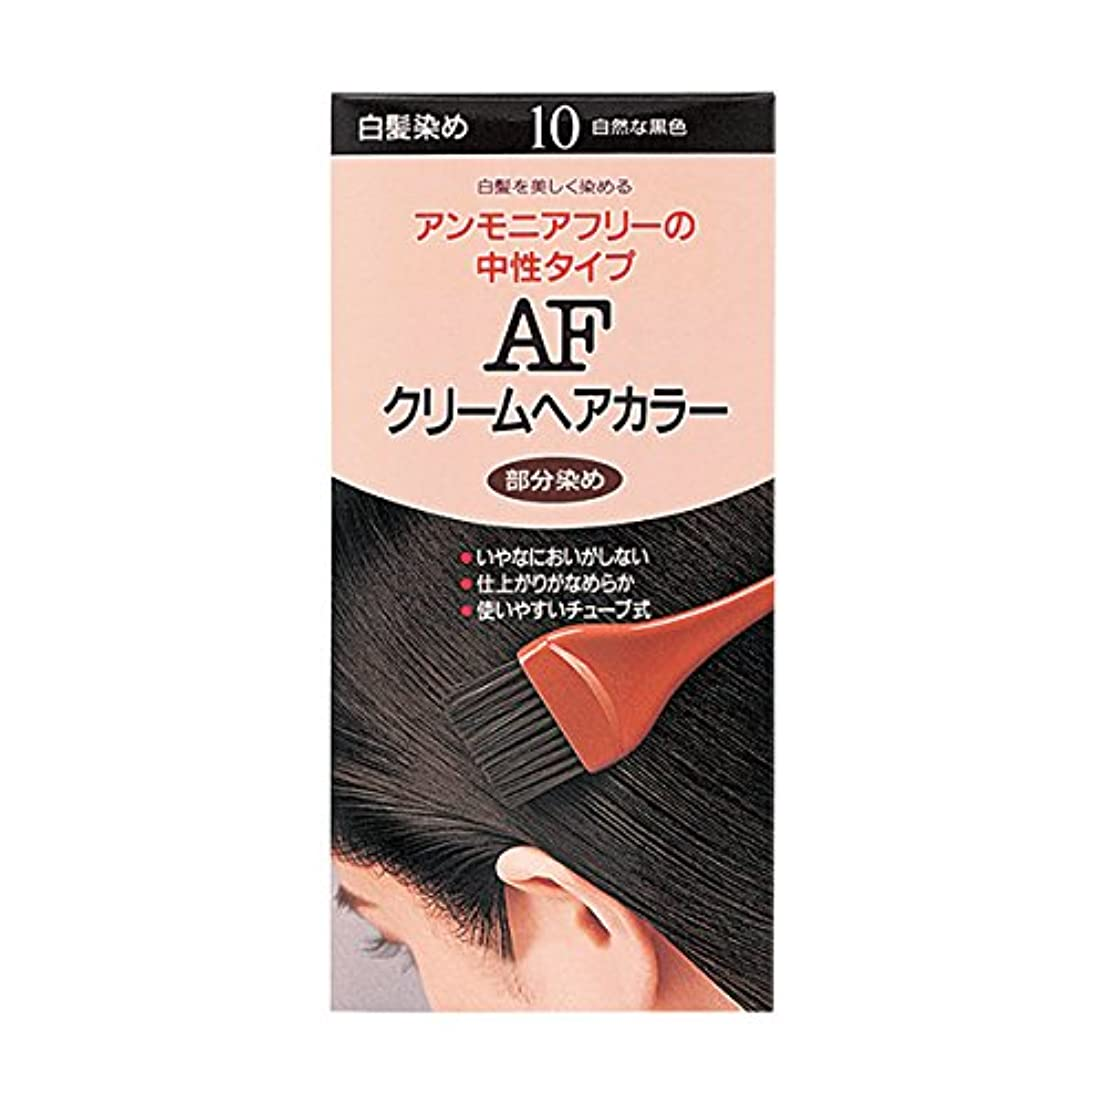 避ける要求スノーケルヘアカラー AFクリームヘアカラー 10 【医薬部外品】